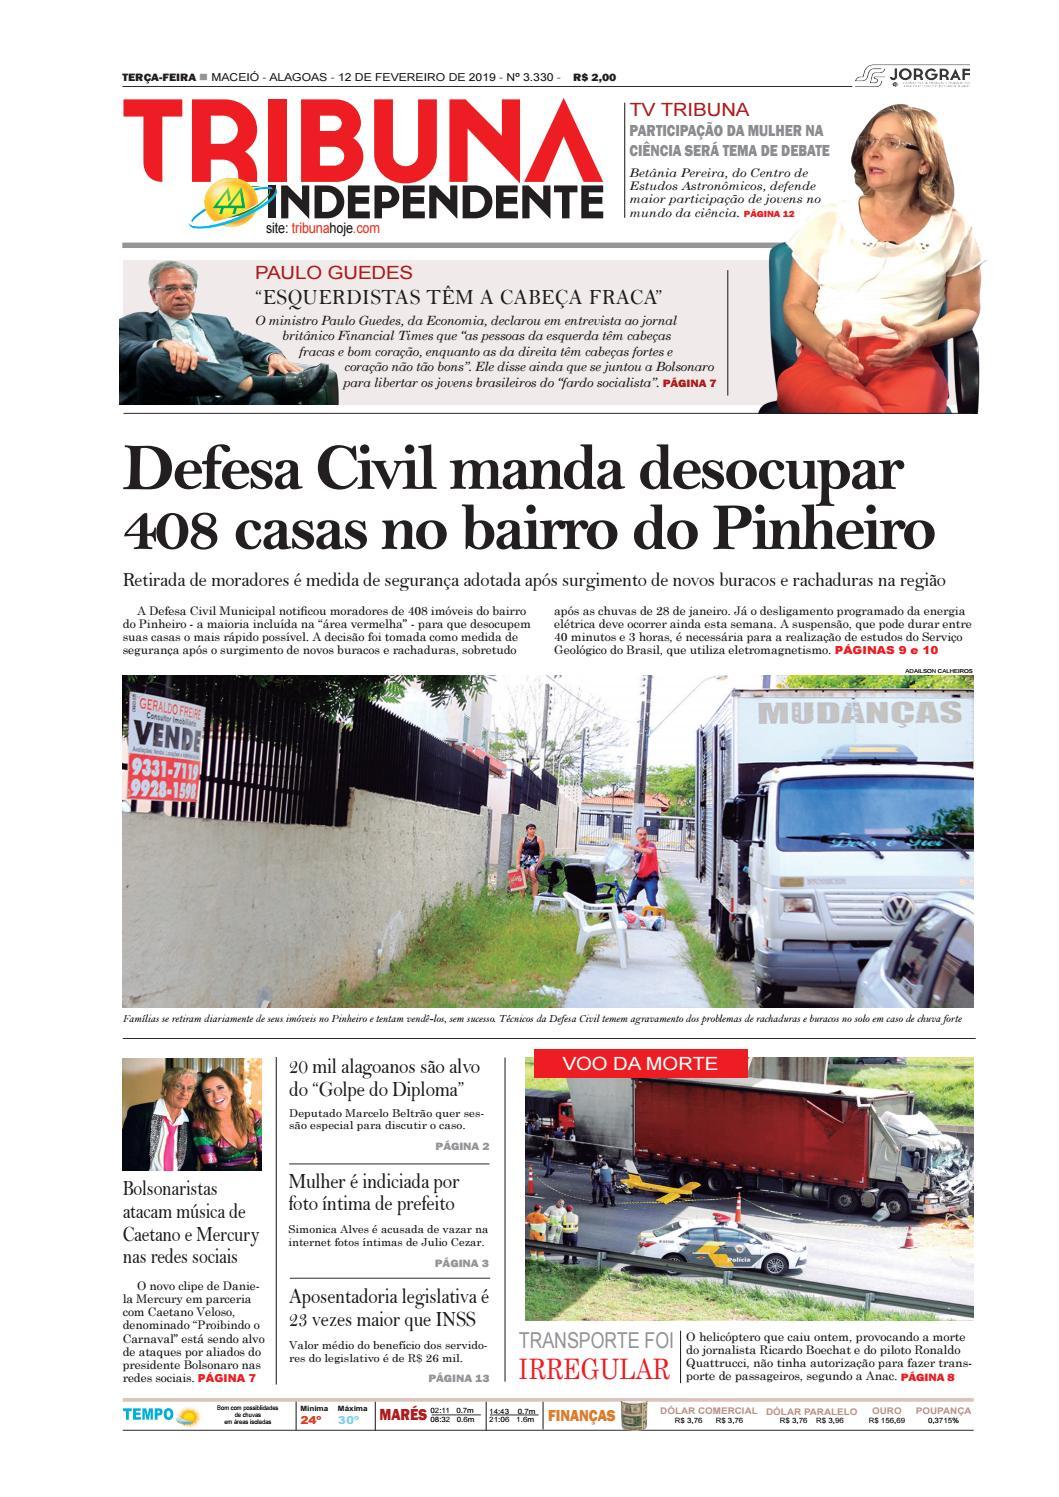 711c542d8 Edição número 3330 - 12 de fevereiro de 2019 by Tribuna Hoje - issuu